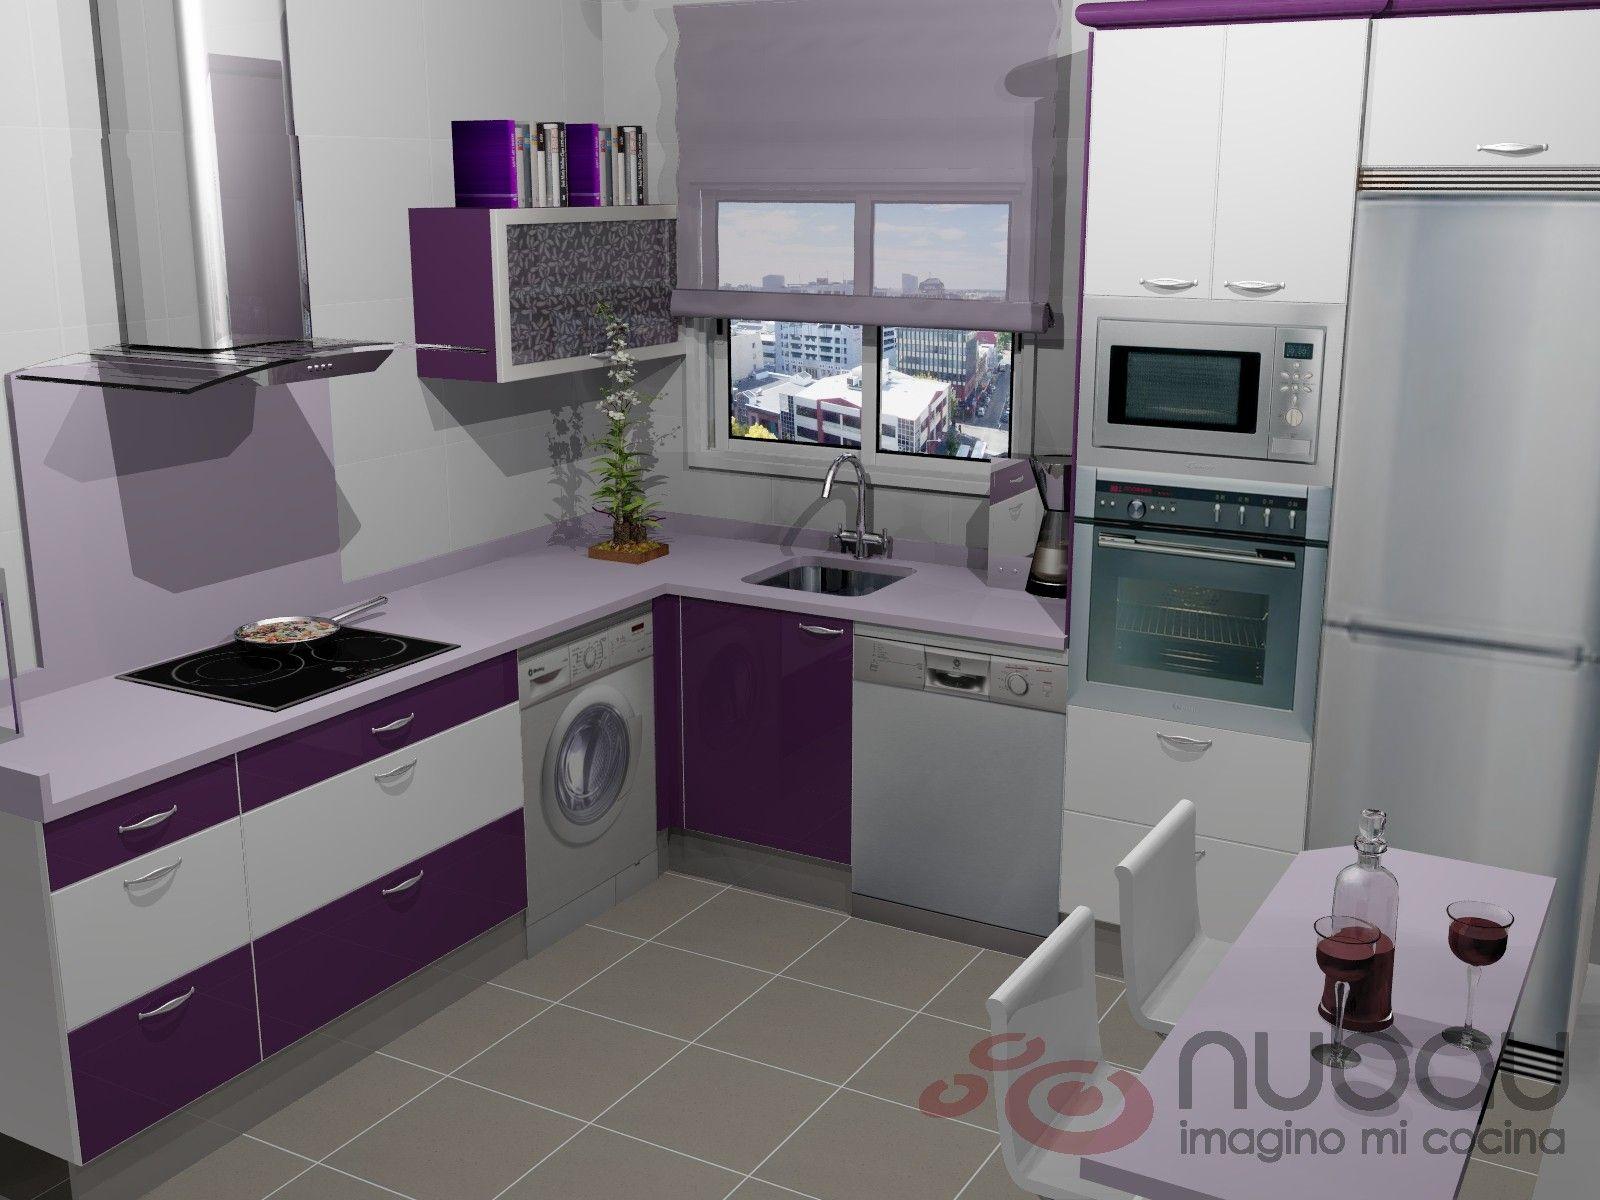 Cocinas moradas buscar con google cocinas pinterest for Google muebles de cocina